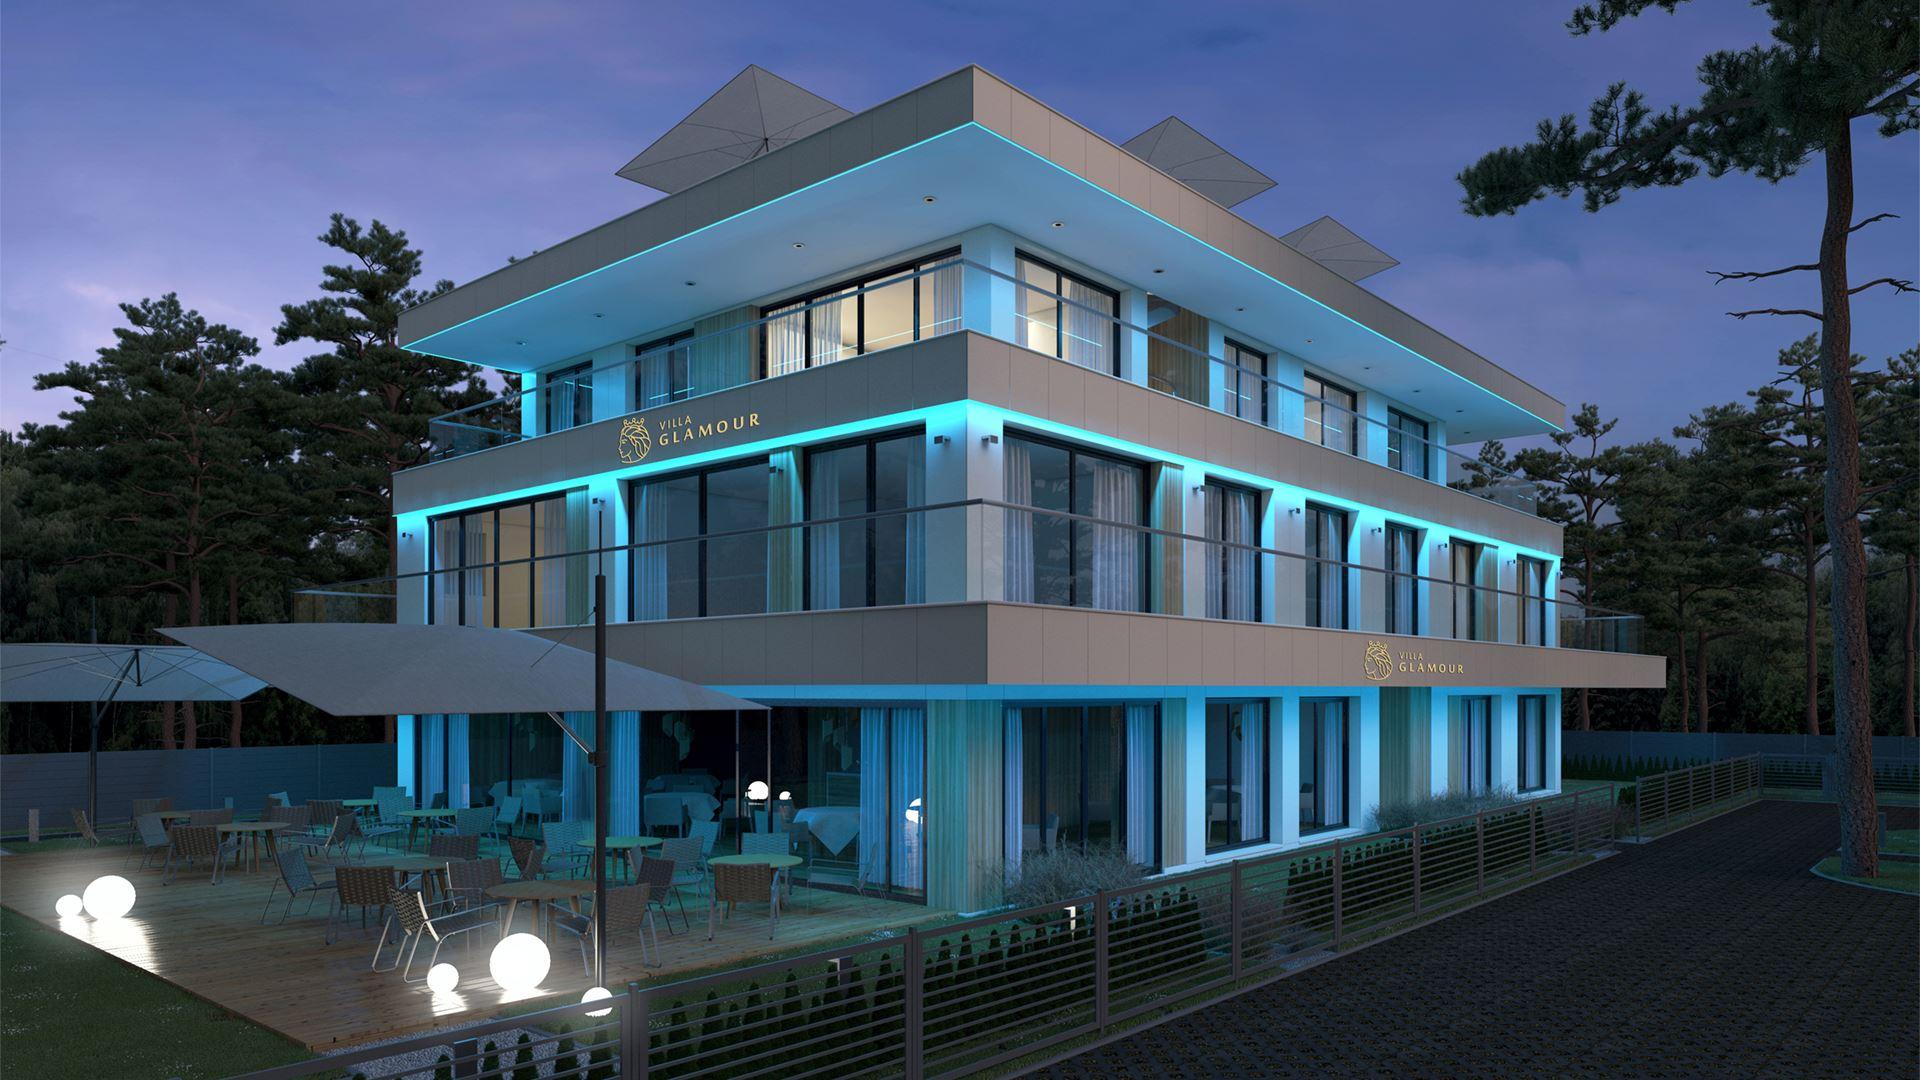 villa glamour apartamenty na sprzedaz (14)